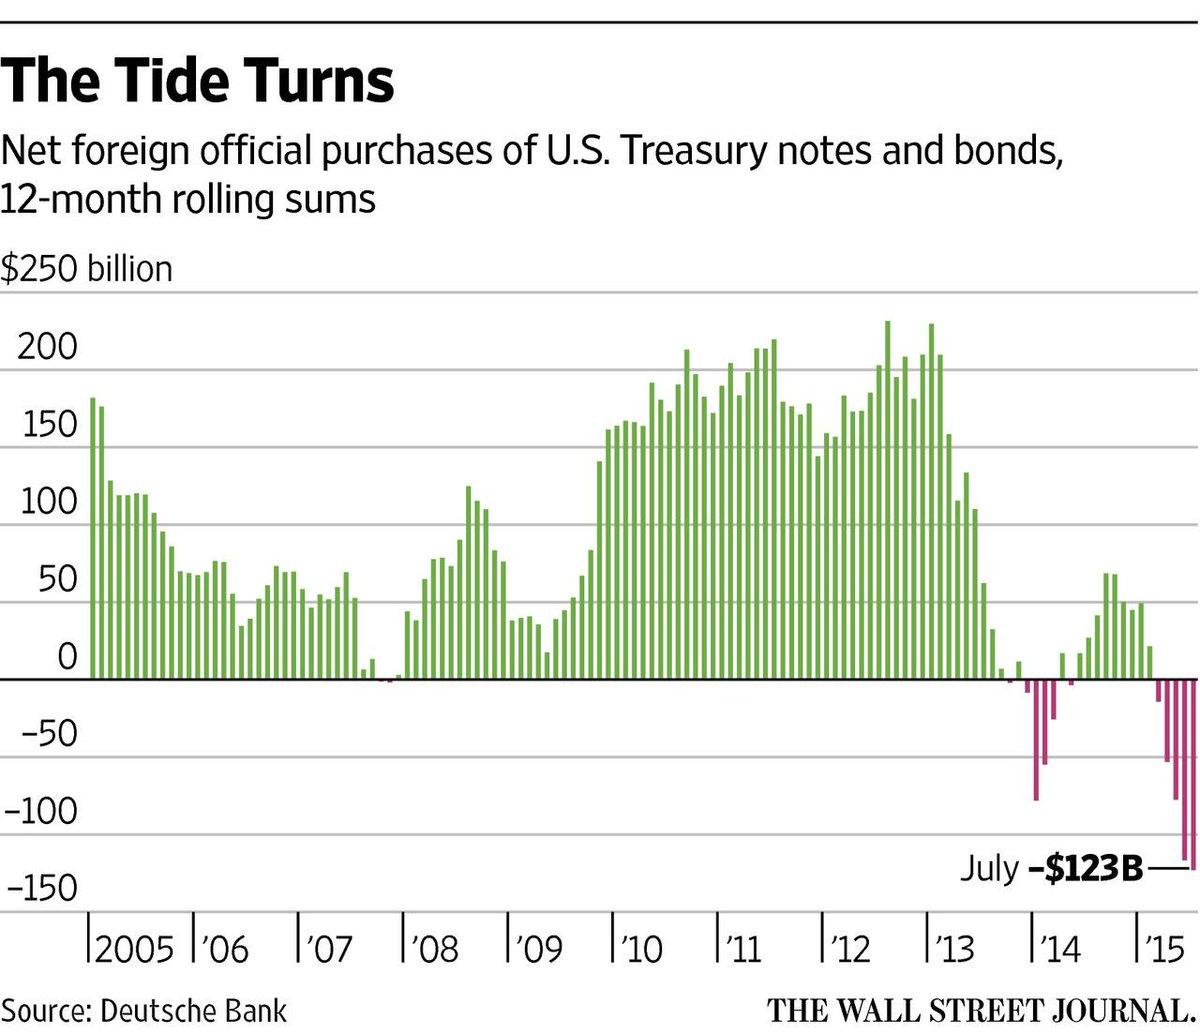 Покупка долговых обязательств США иностранными инвесторами